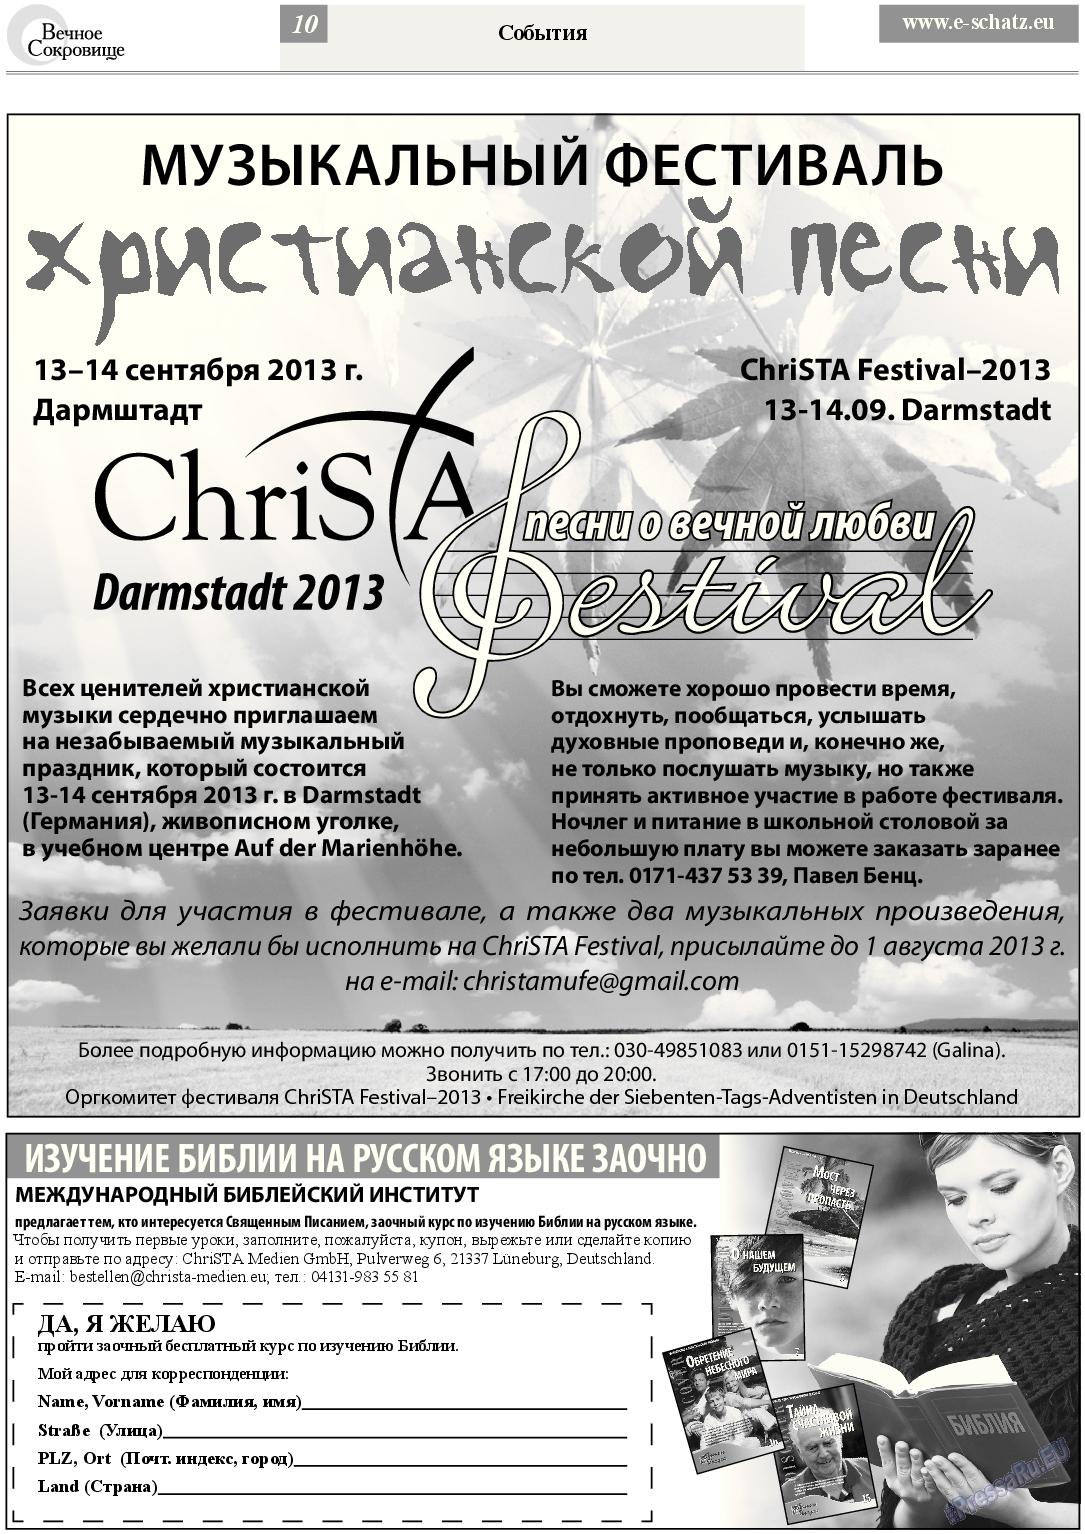 Вечное сокровище (газета). 2013 год, номер 4, стр. 10